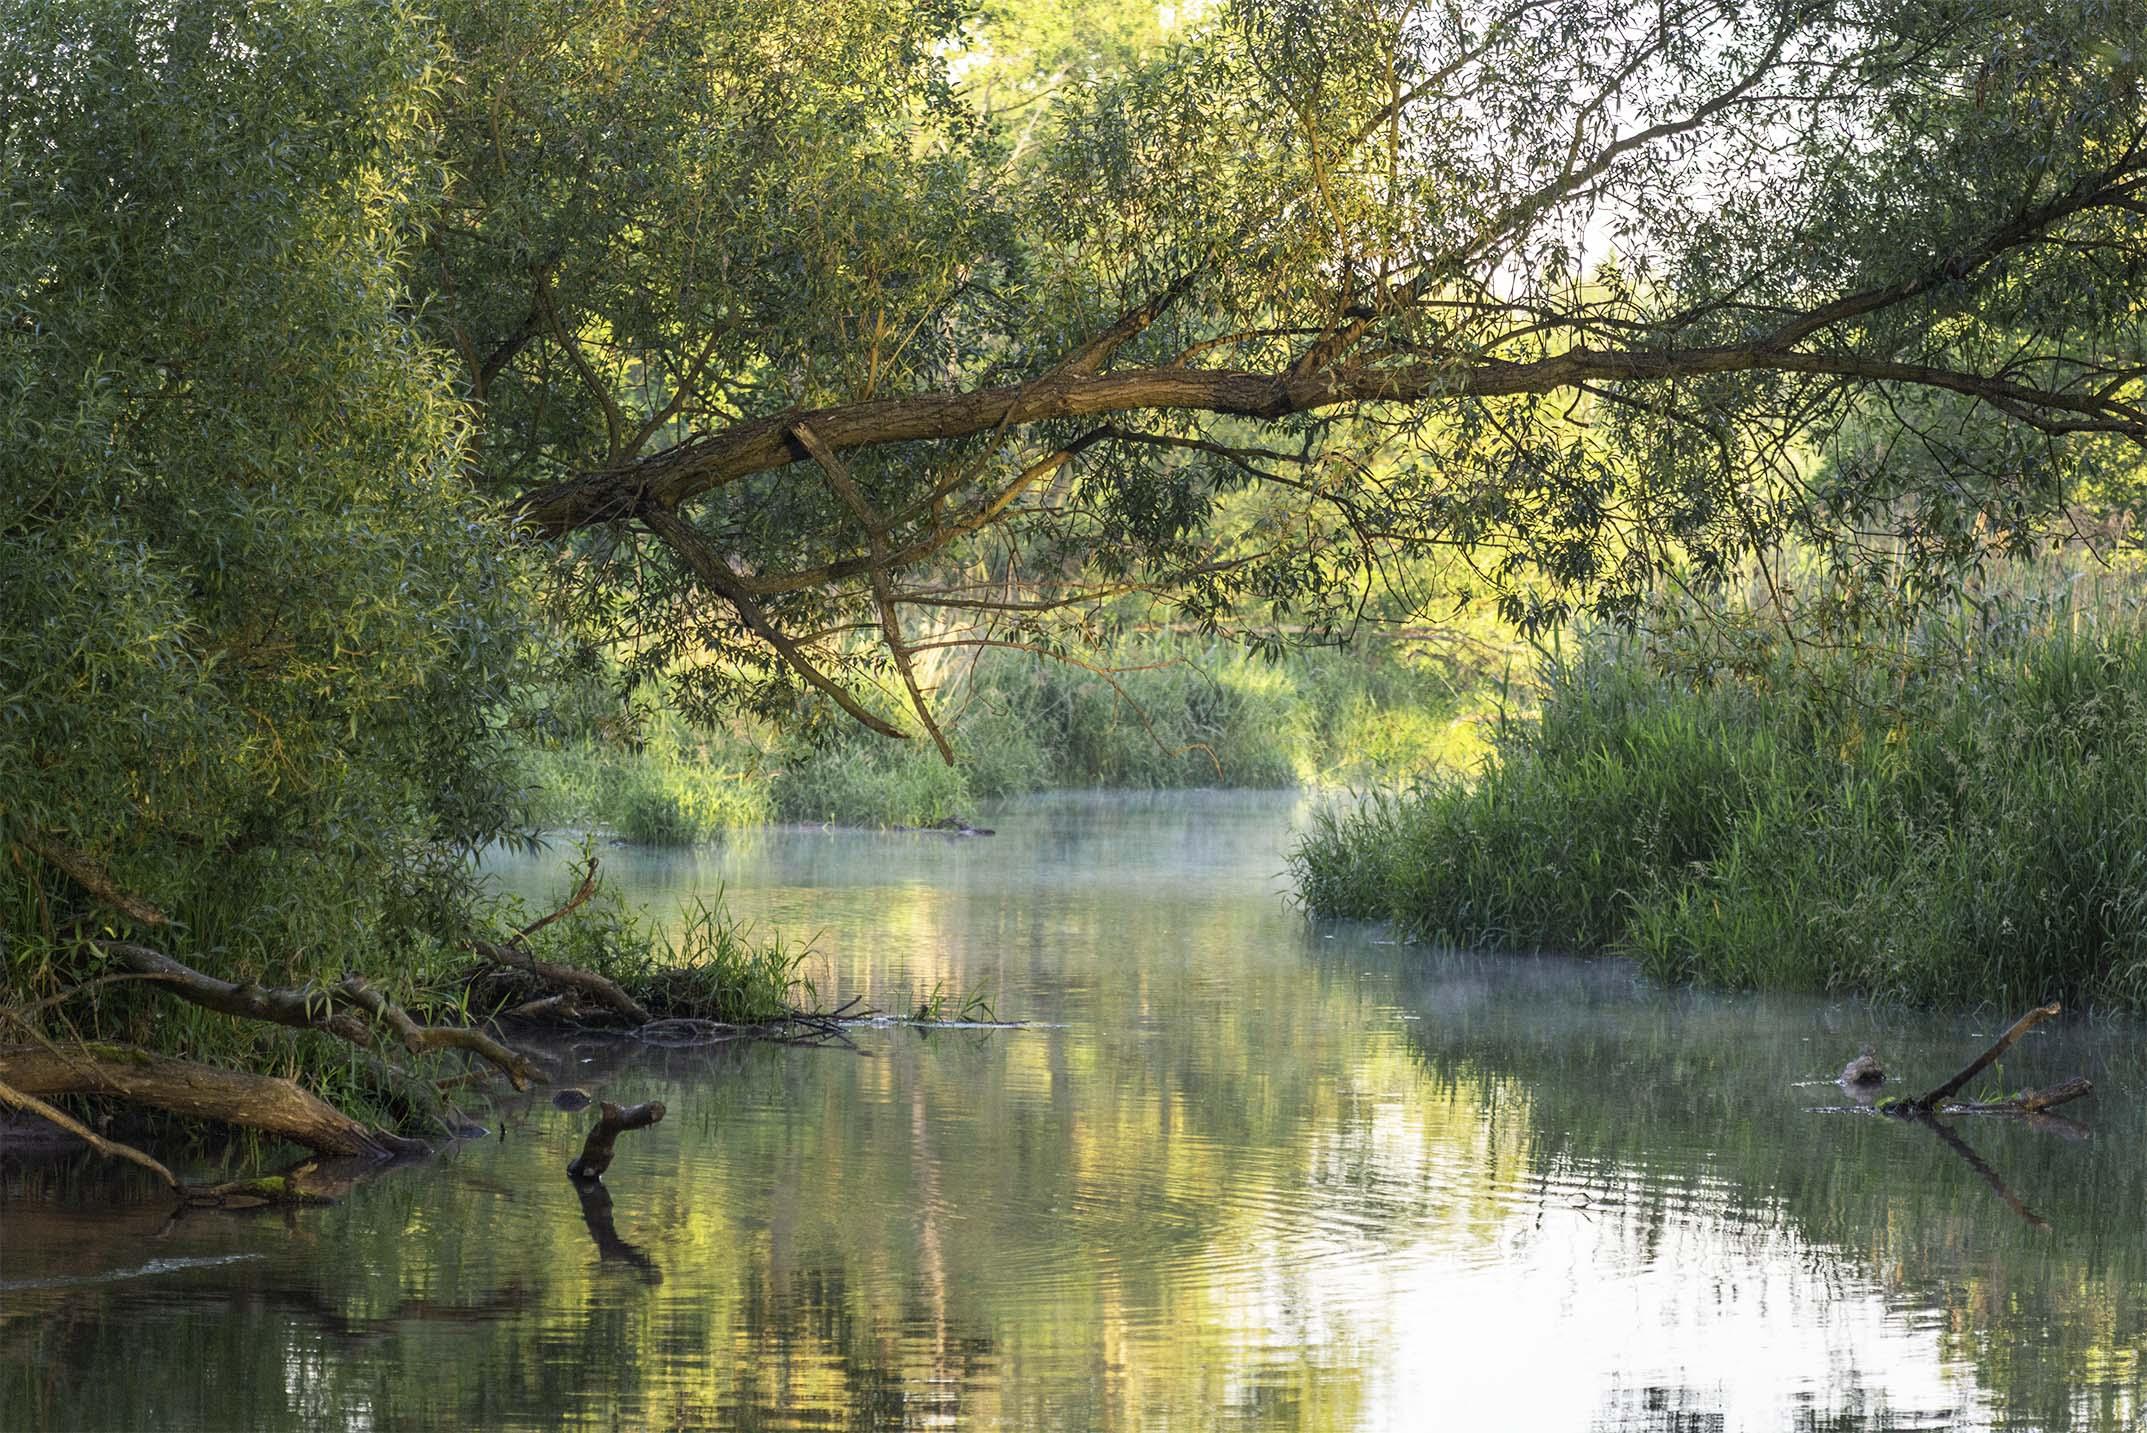 Rzeka Jeziorka Złota godzina czerwiec